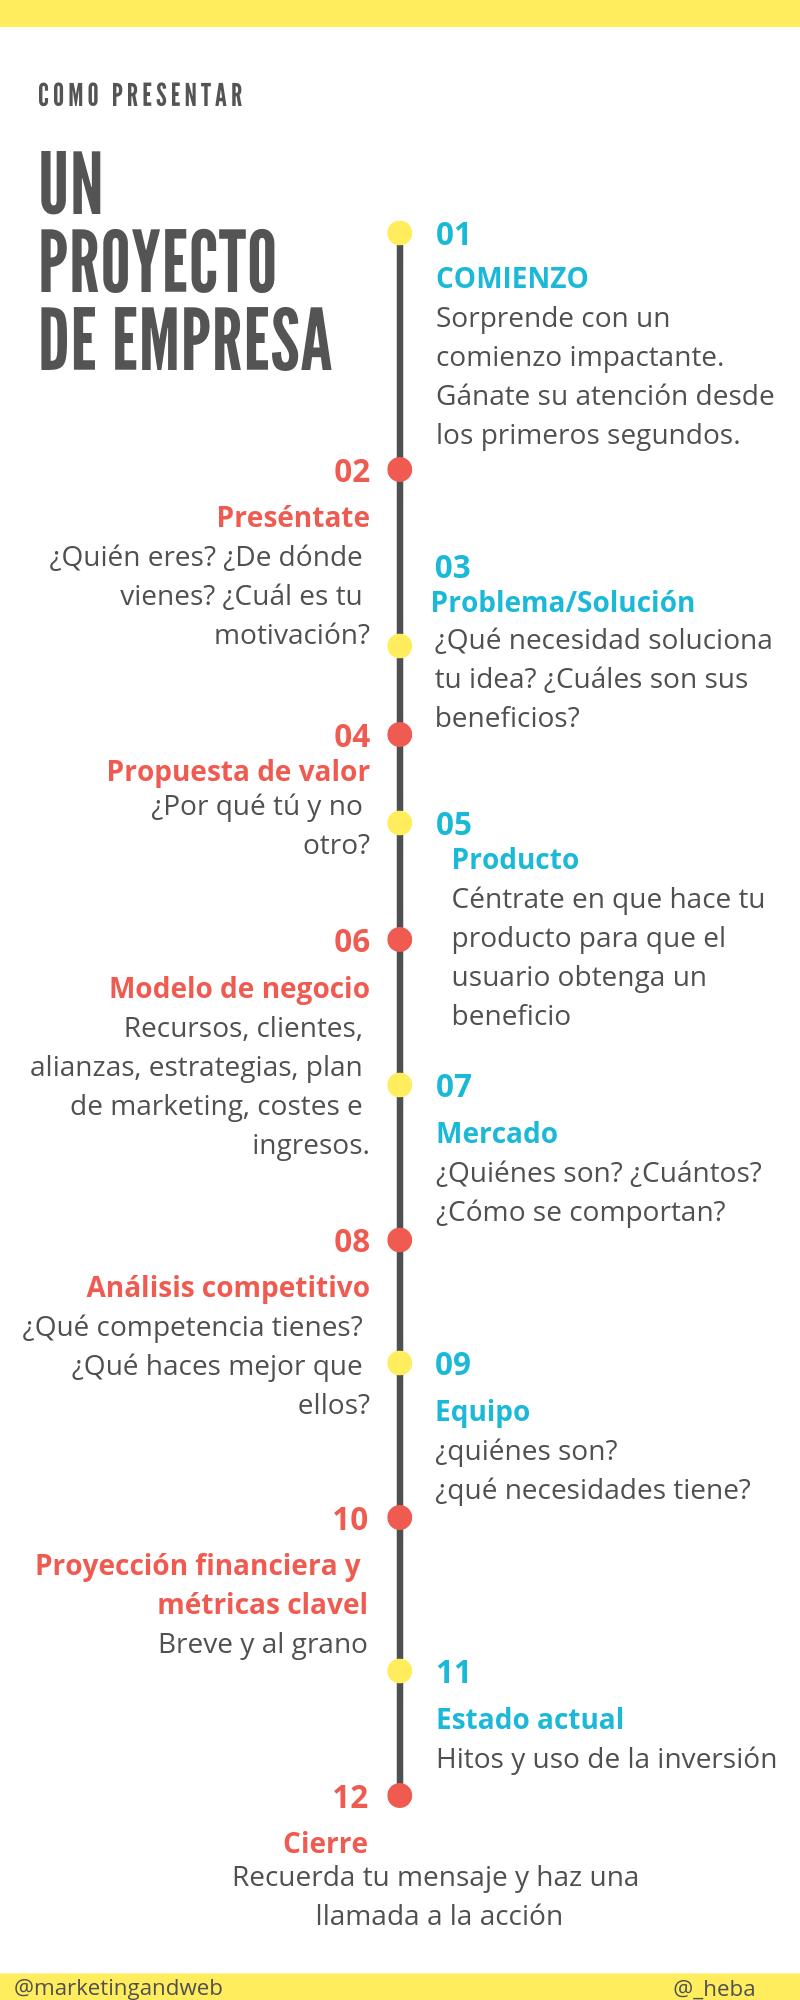 Infografia como presentar un proyecto